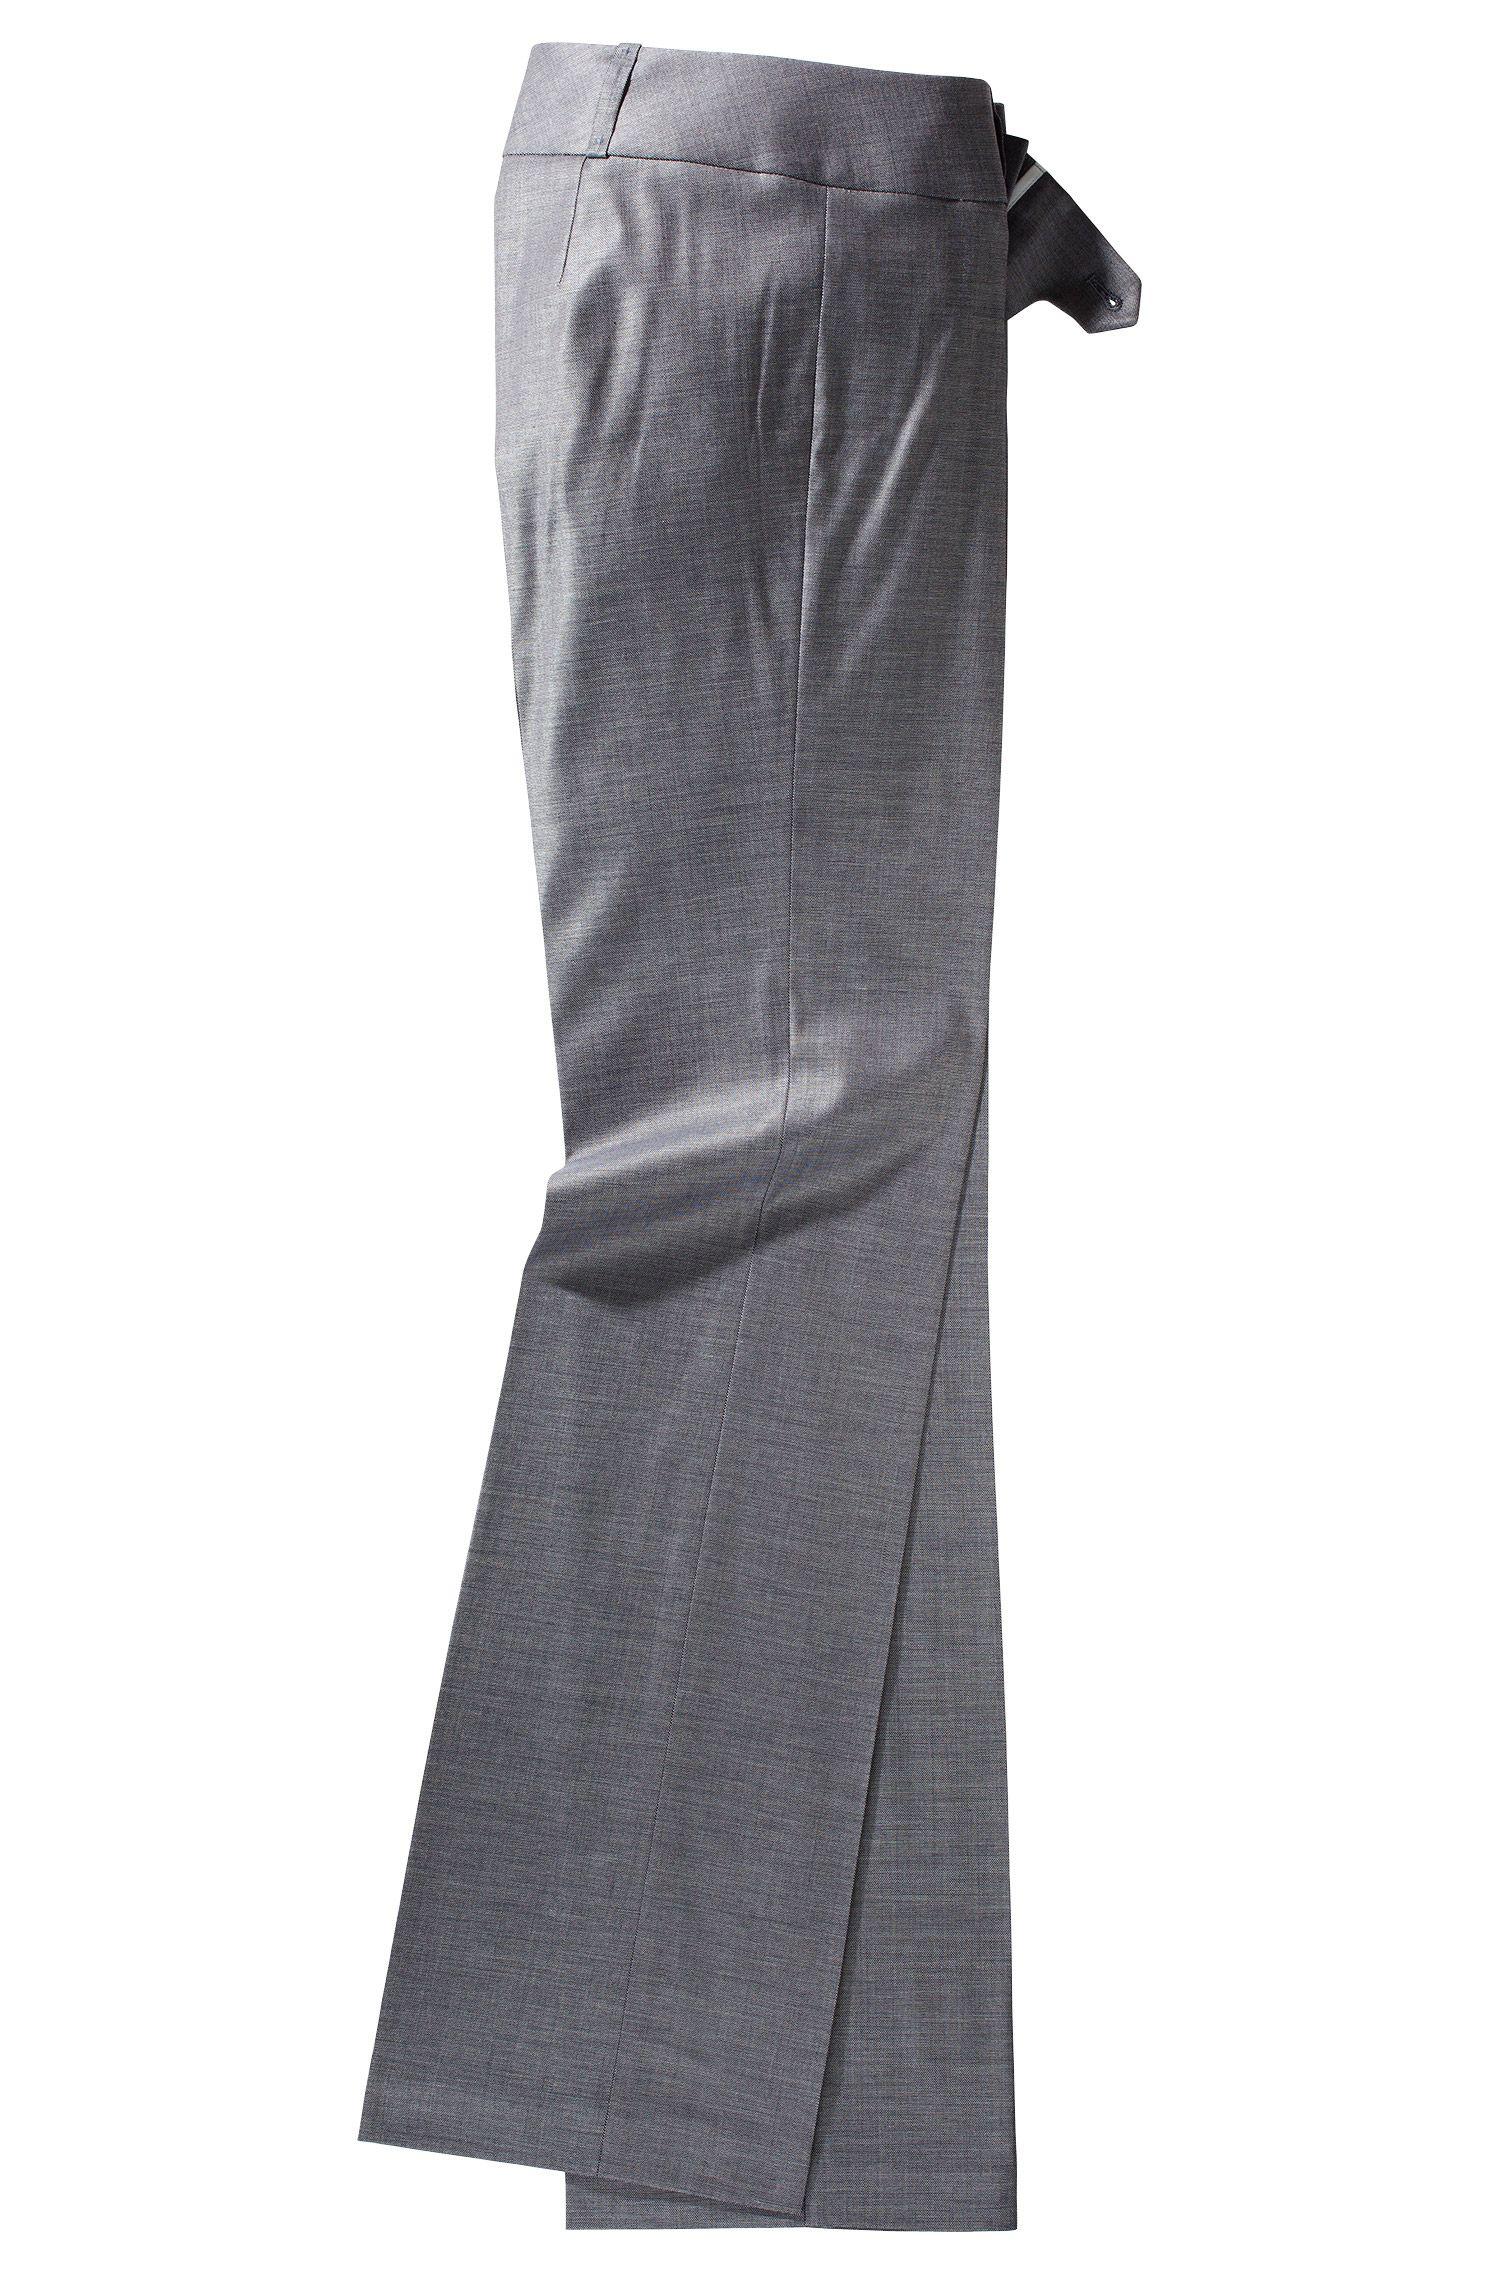 Pantalon en viscose et laine vierge, Tuliana2